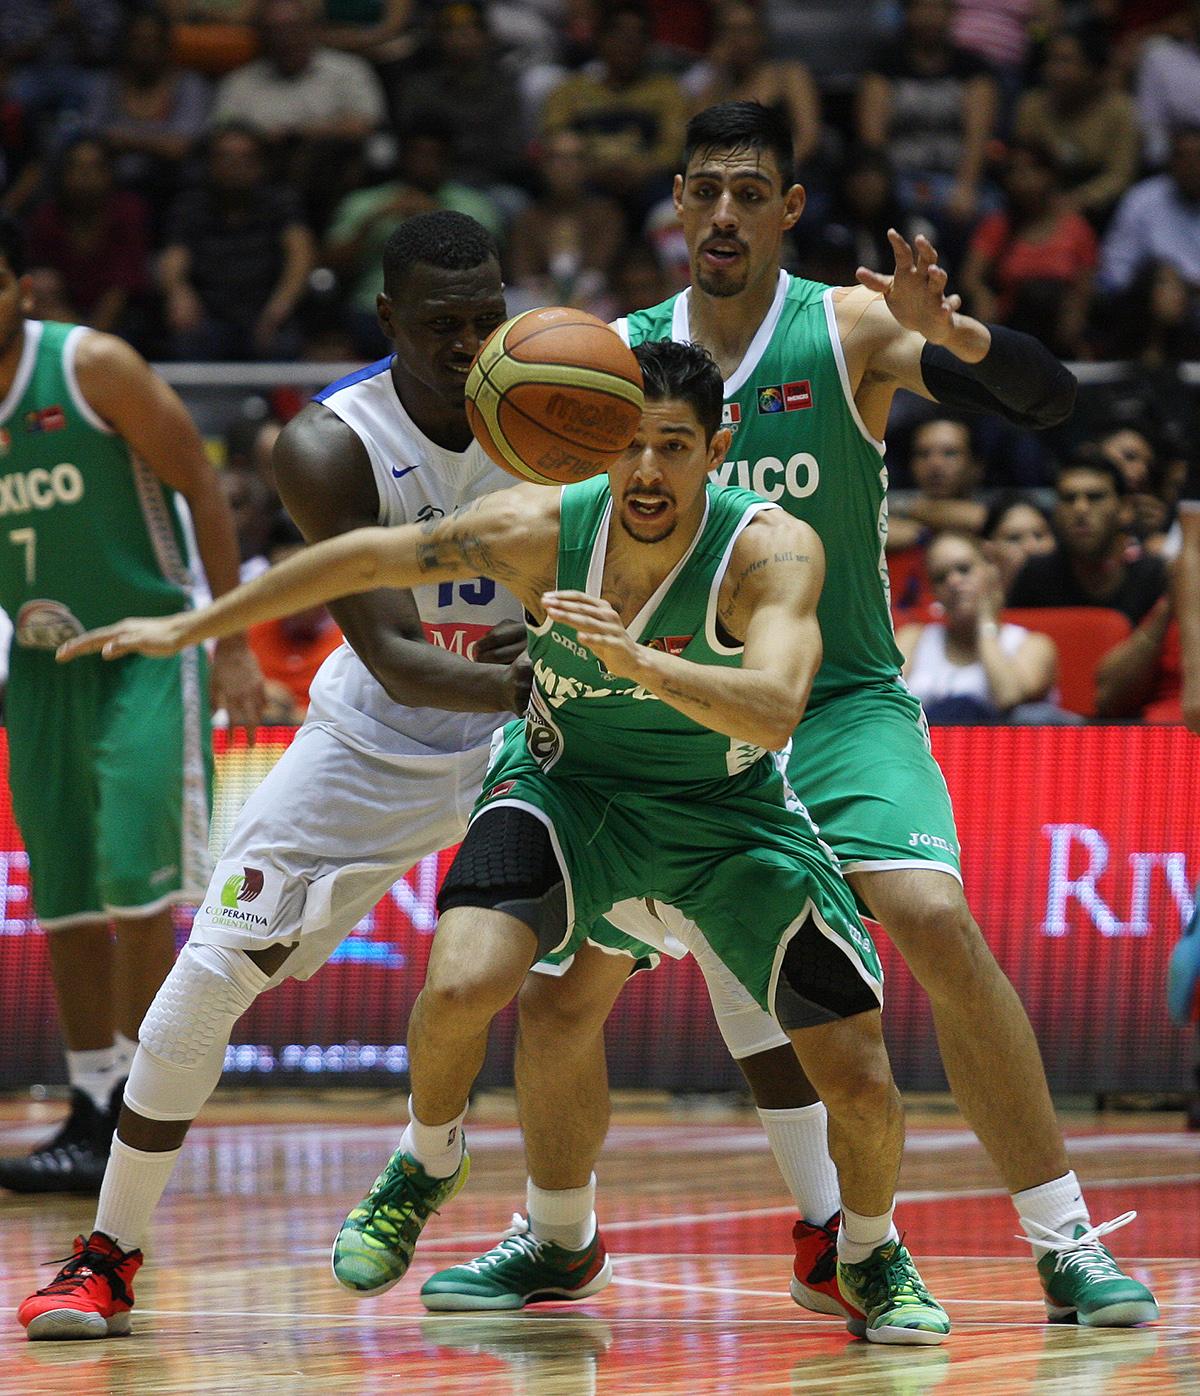 la seleccion de basquetbol mexicana logra el PASE a la FINAL de centrobasket en viva basquet